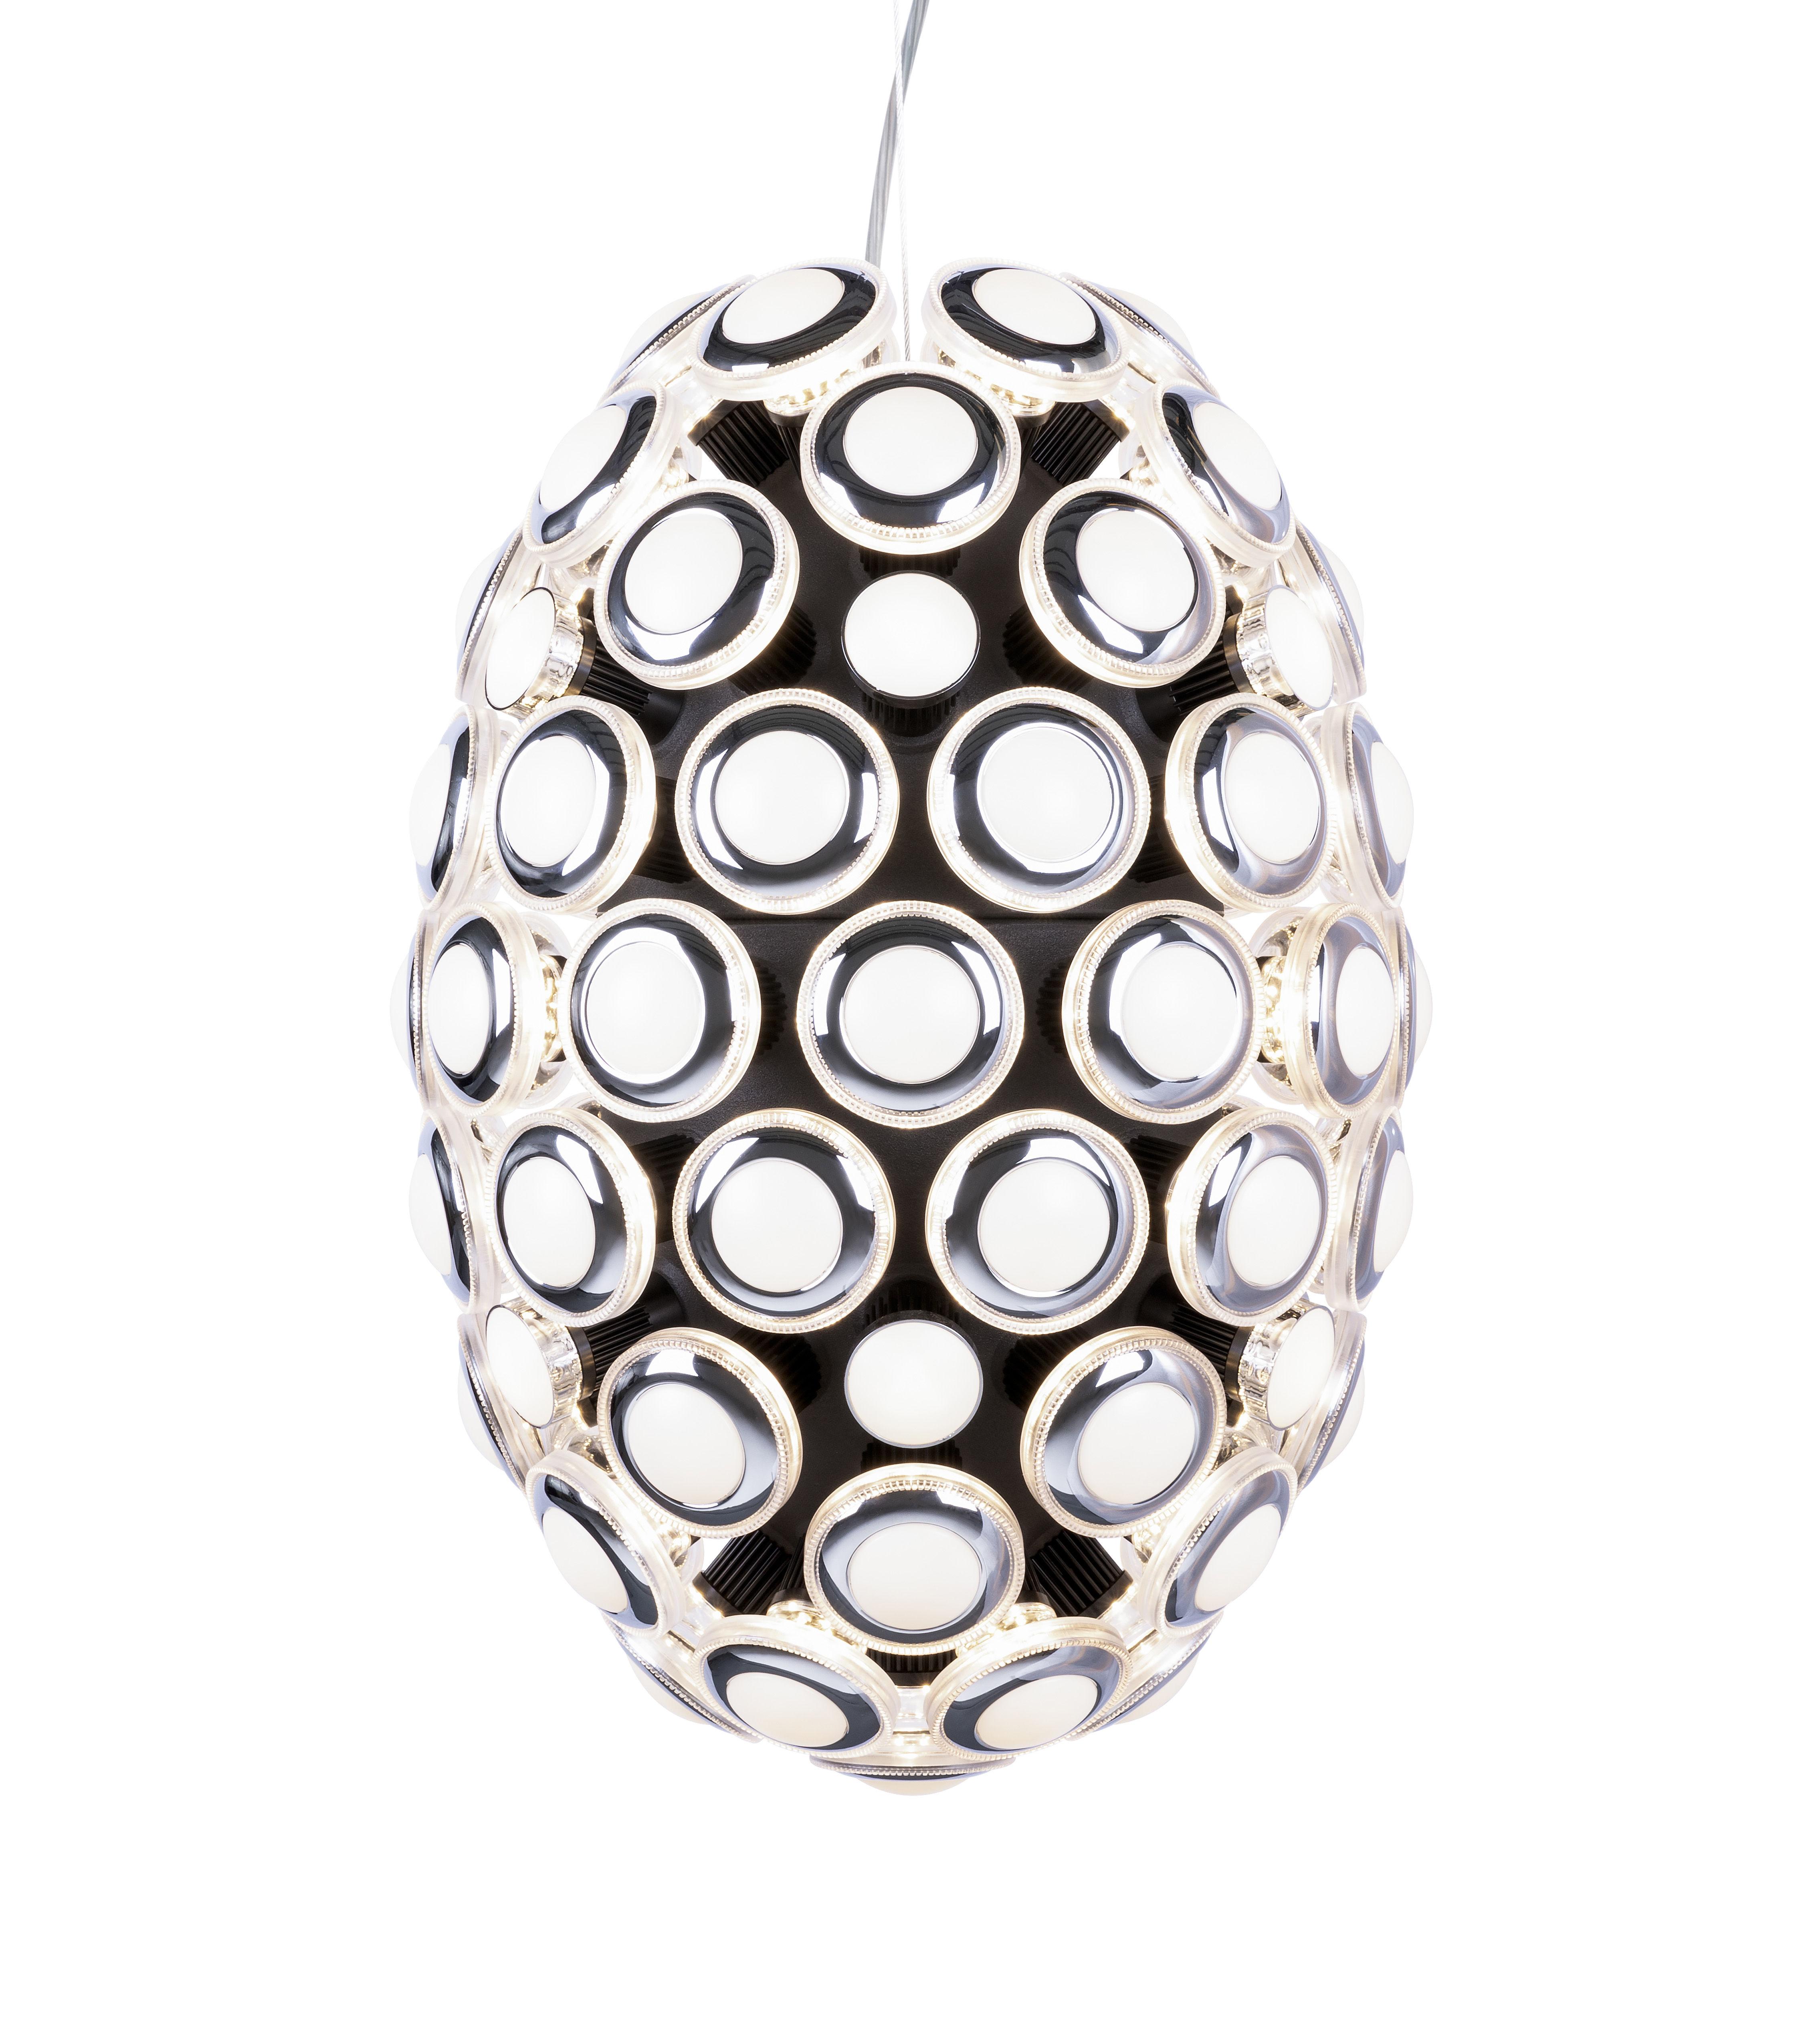 Luminaire - Suspensions - Suspension Iconic Eyes / LED - Ø 60 x H 88 cm - Moooi - Chromé & noir - ABS, Polycarbonate, Verre dépoli